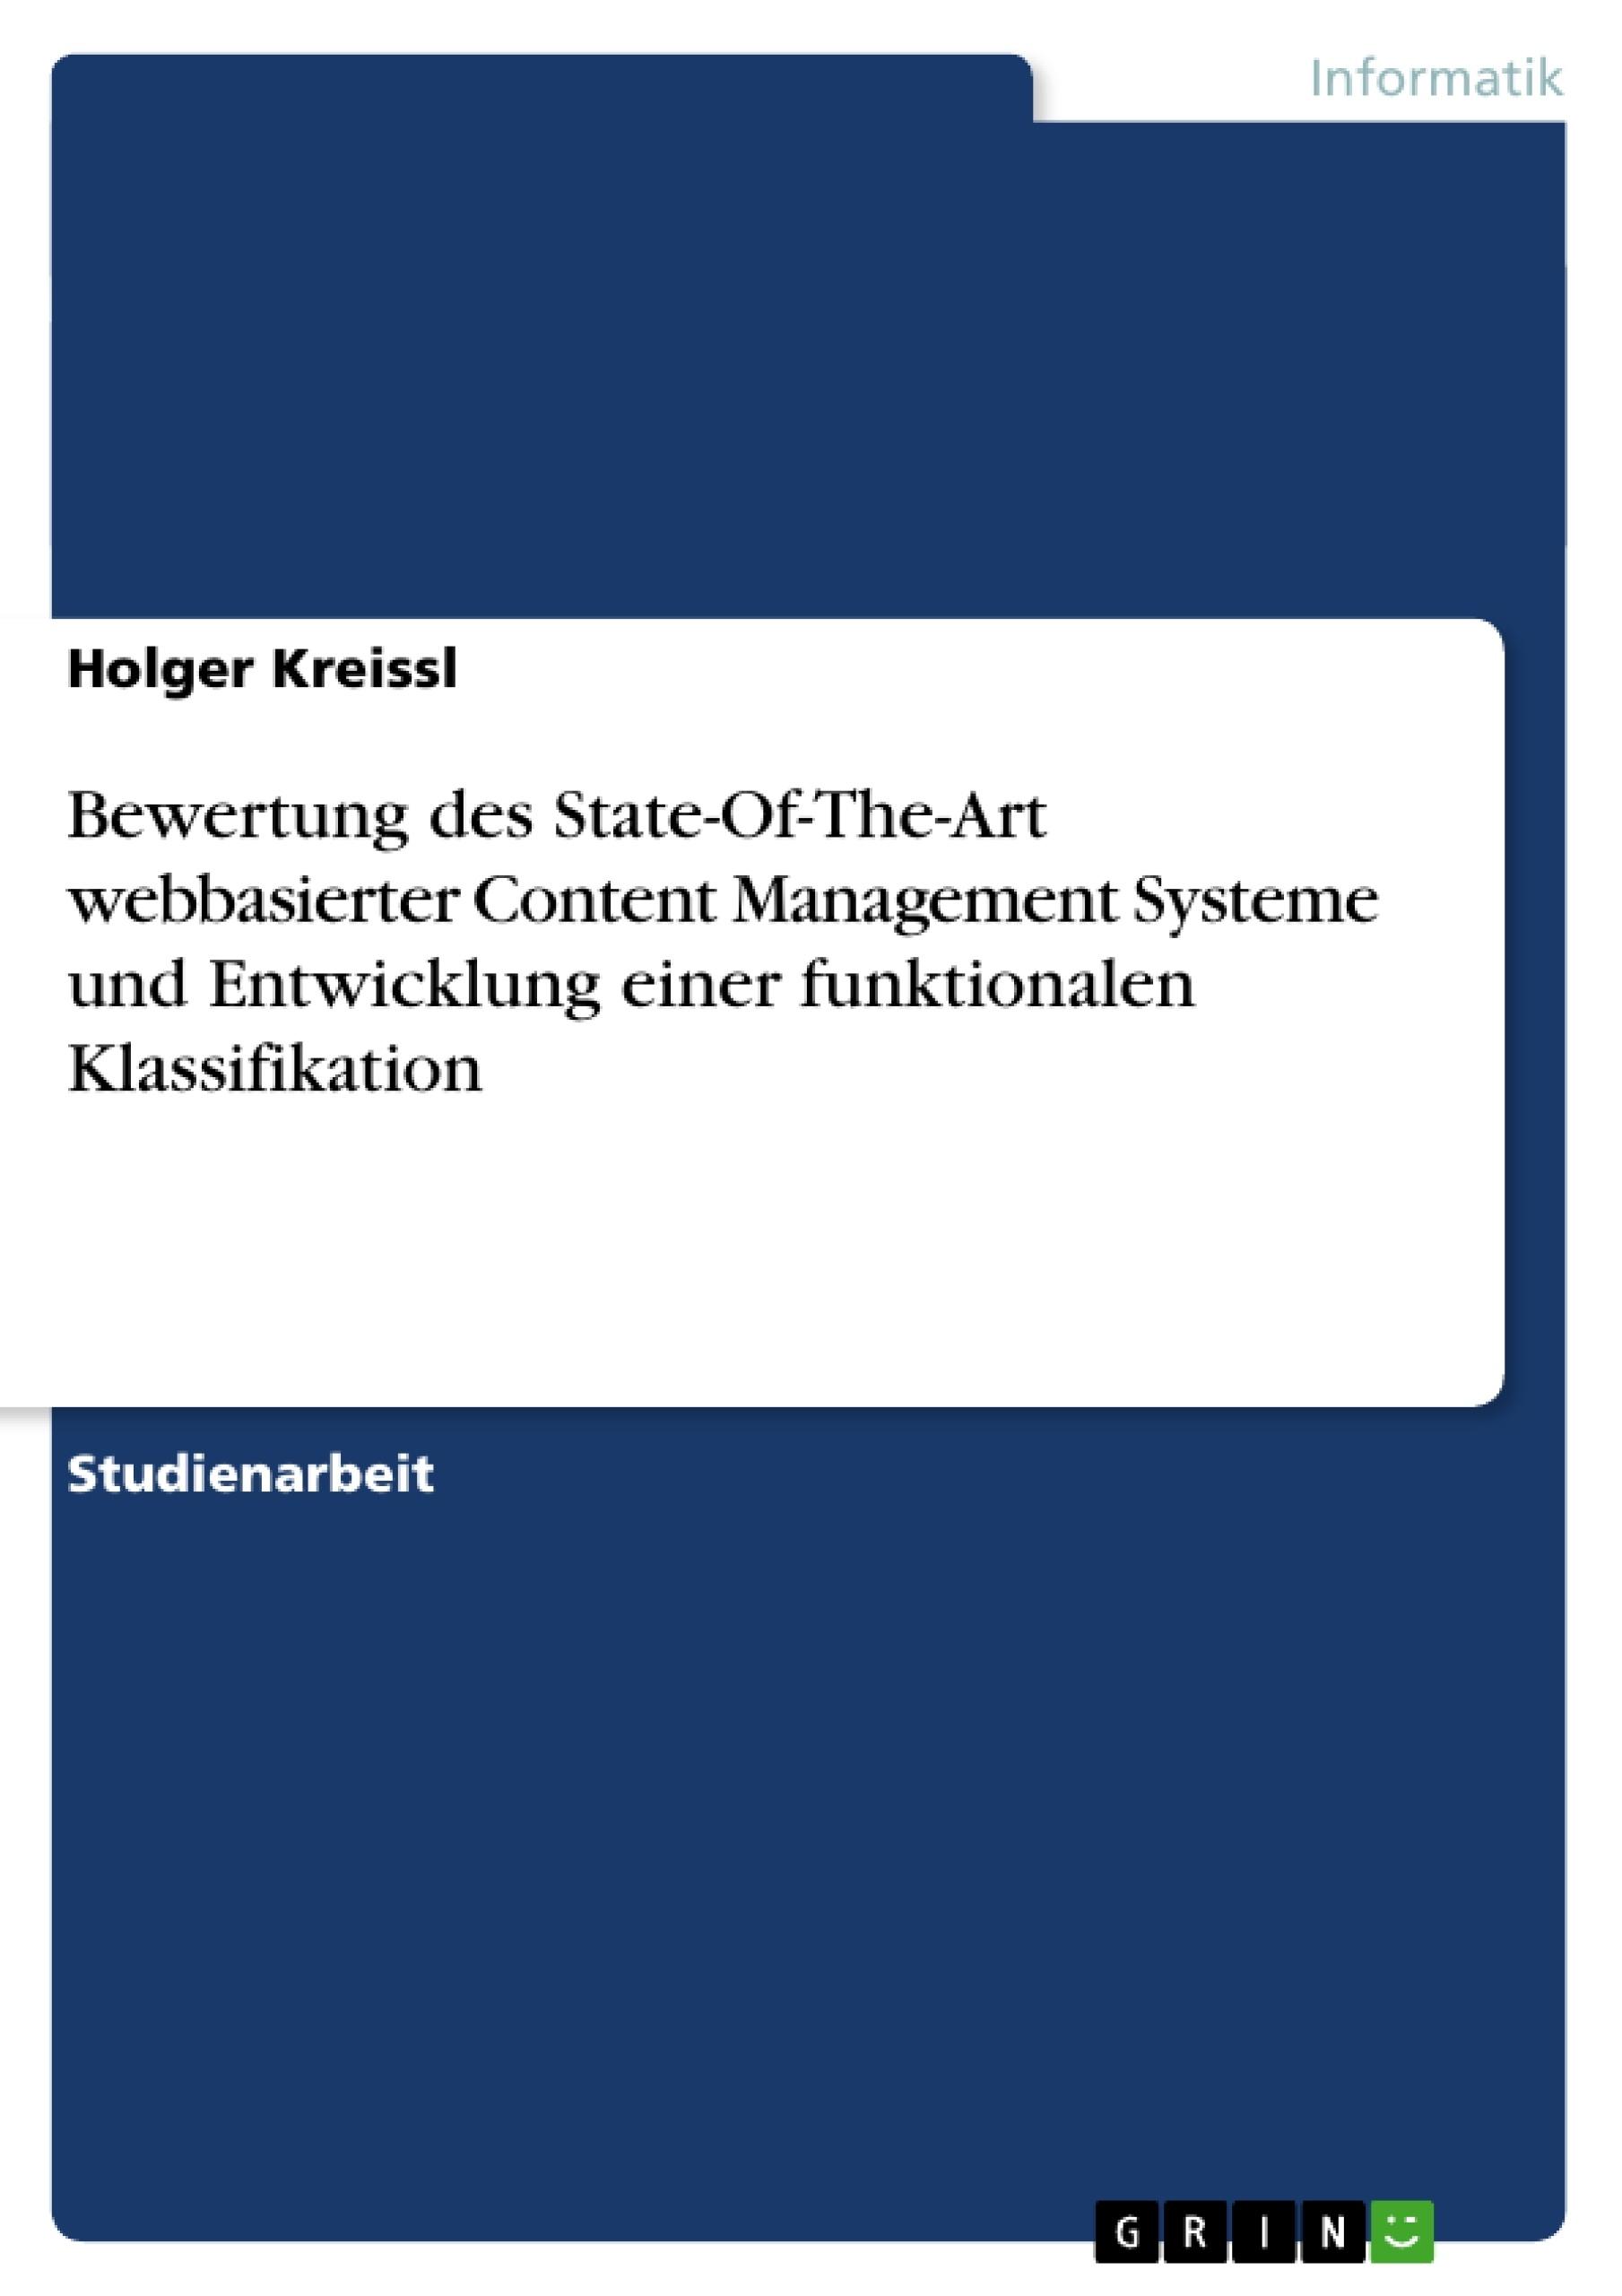 Titel: Bewertung des State-Of-The-Art webbasierter Content Management Systeme und Entwicklung einer funktionalen Klassifikation